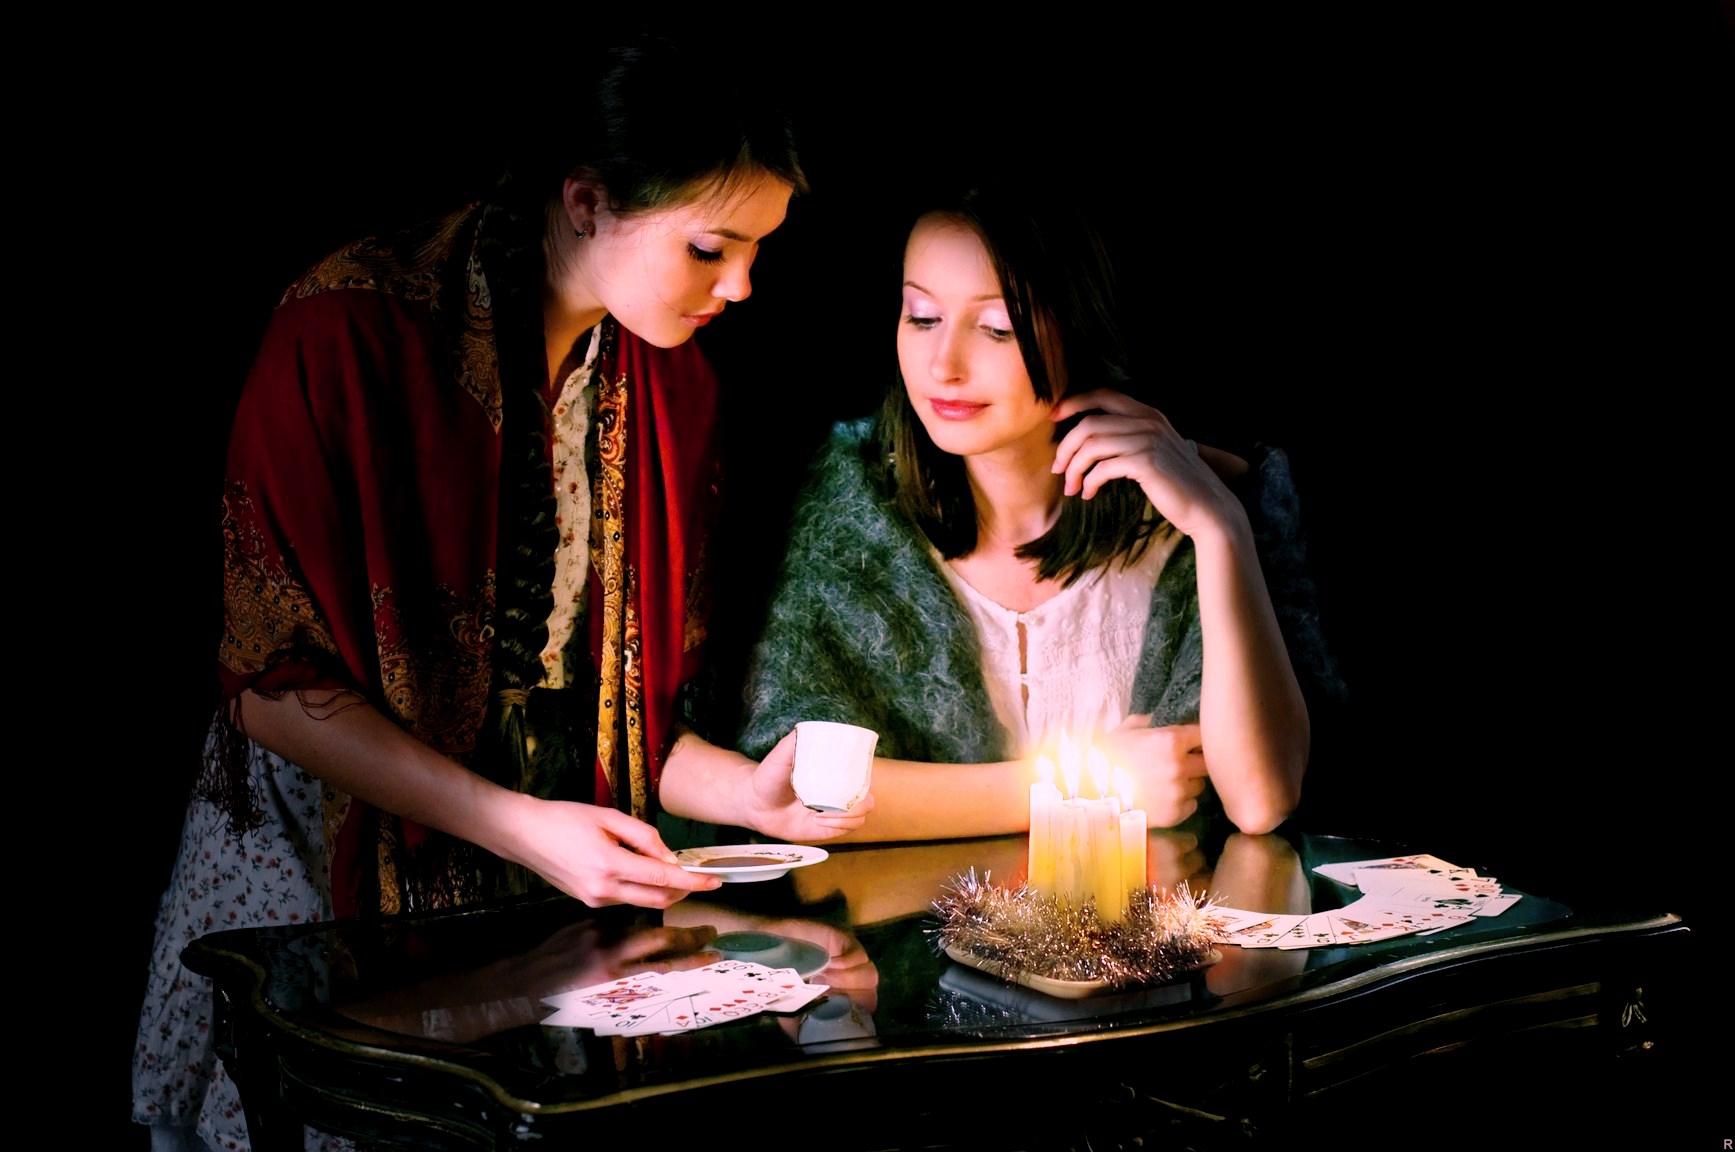 Ритуалы, проводимые на новолуние